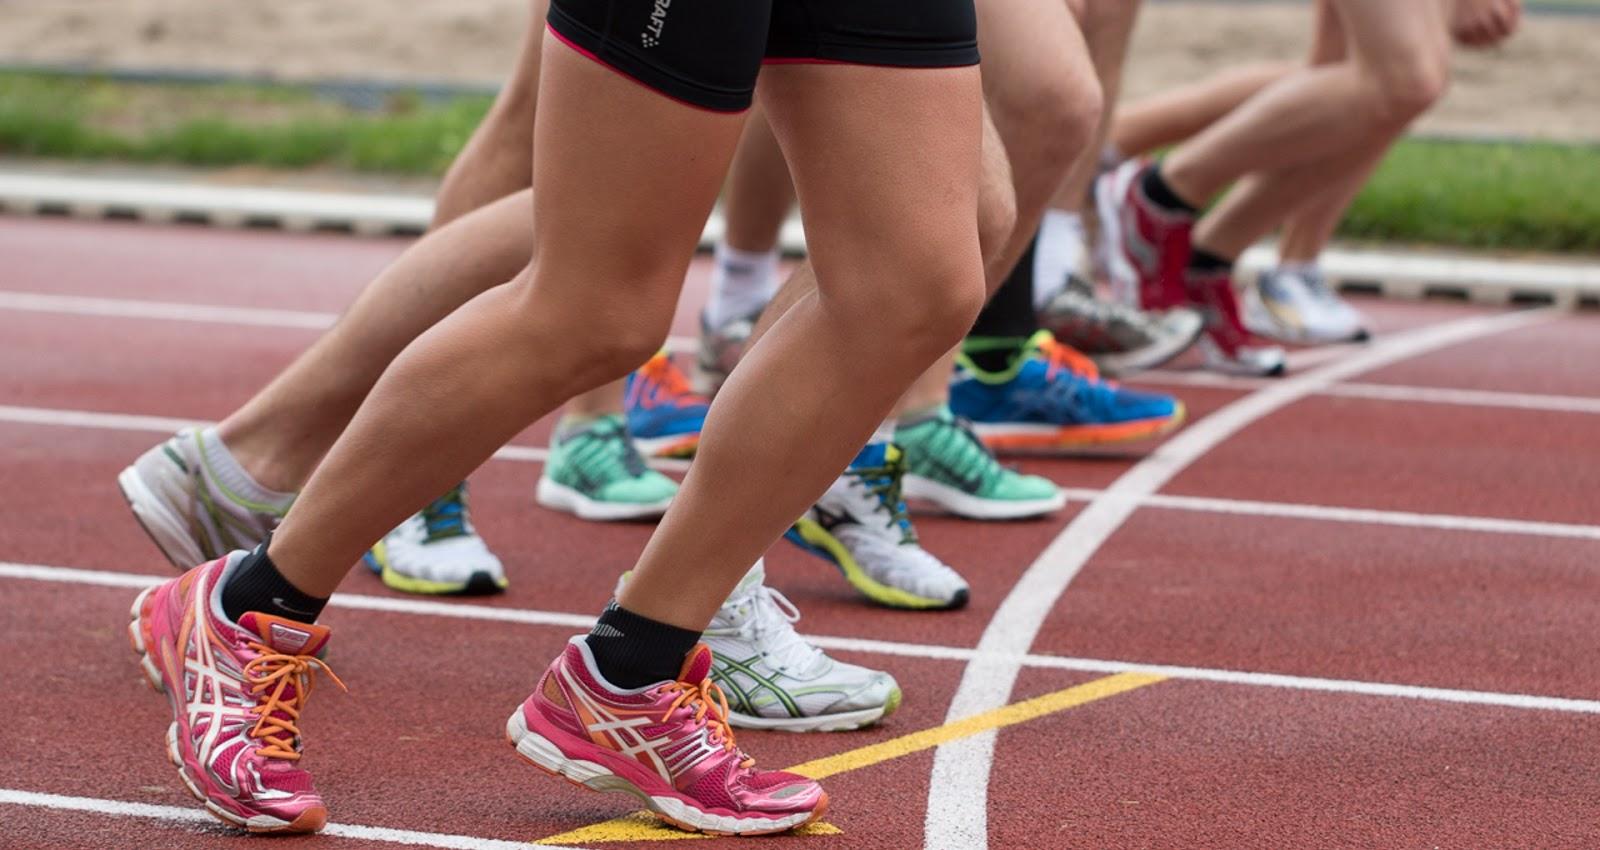 ¿Cómo combinar el deporte y la educación?